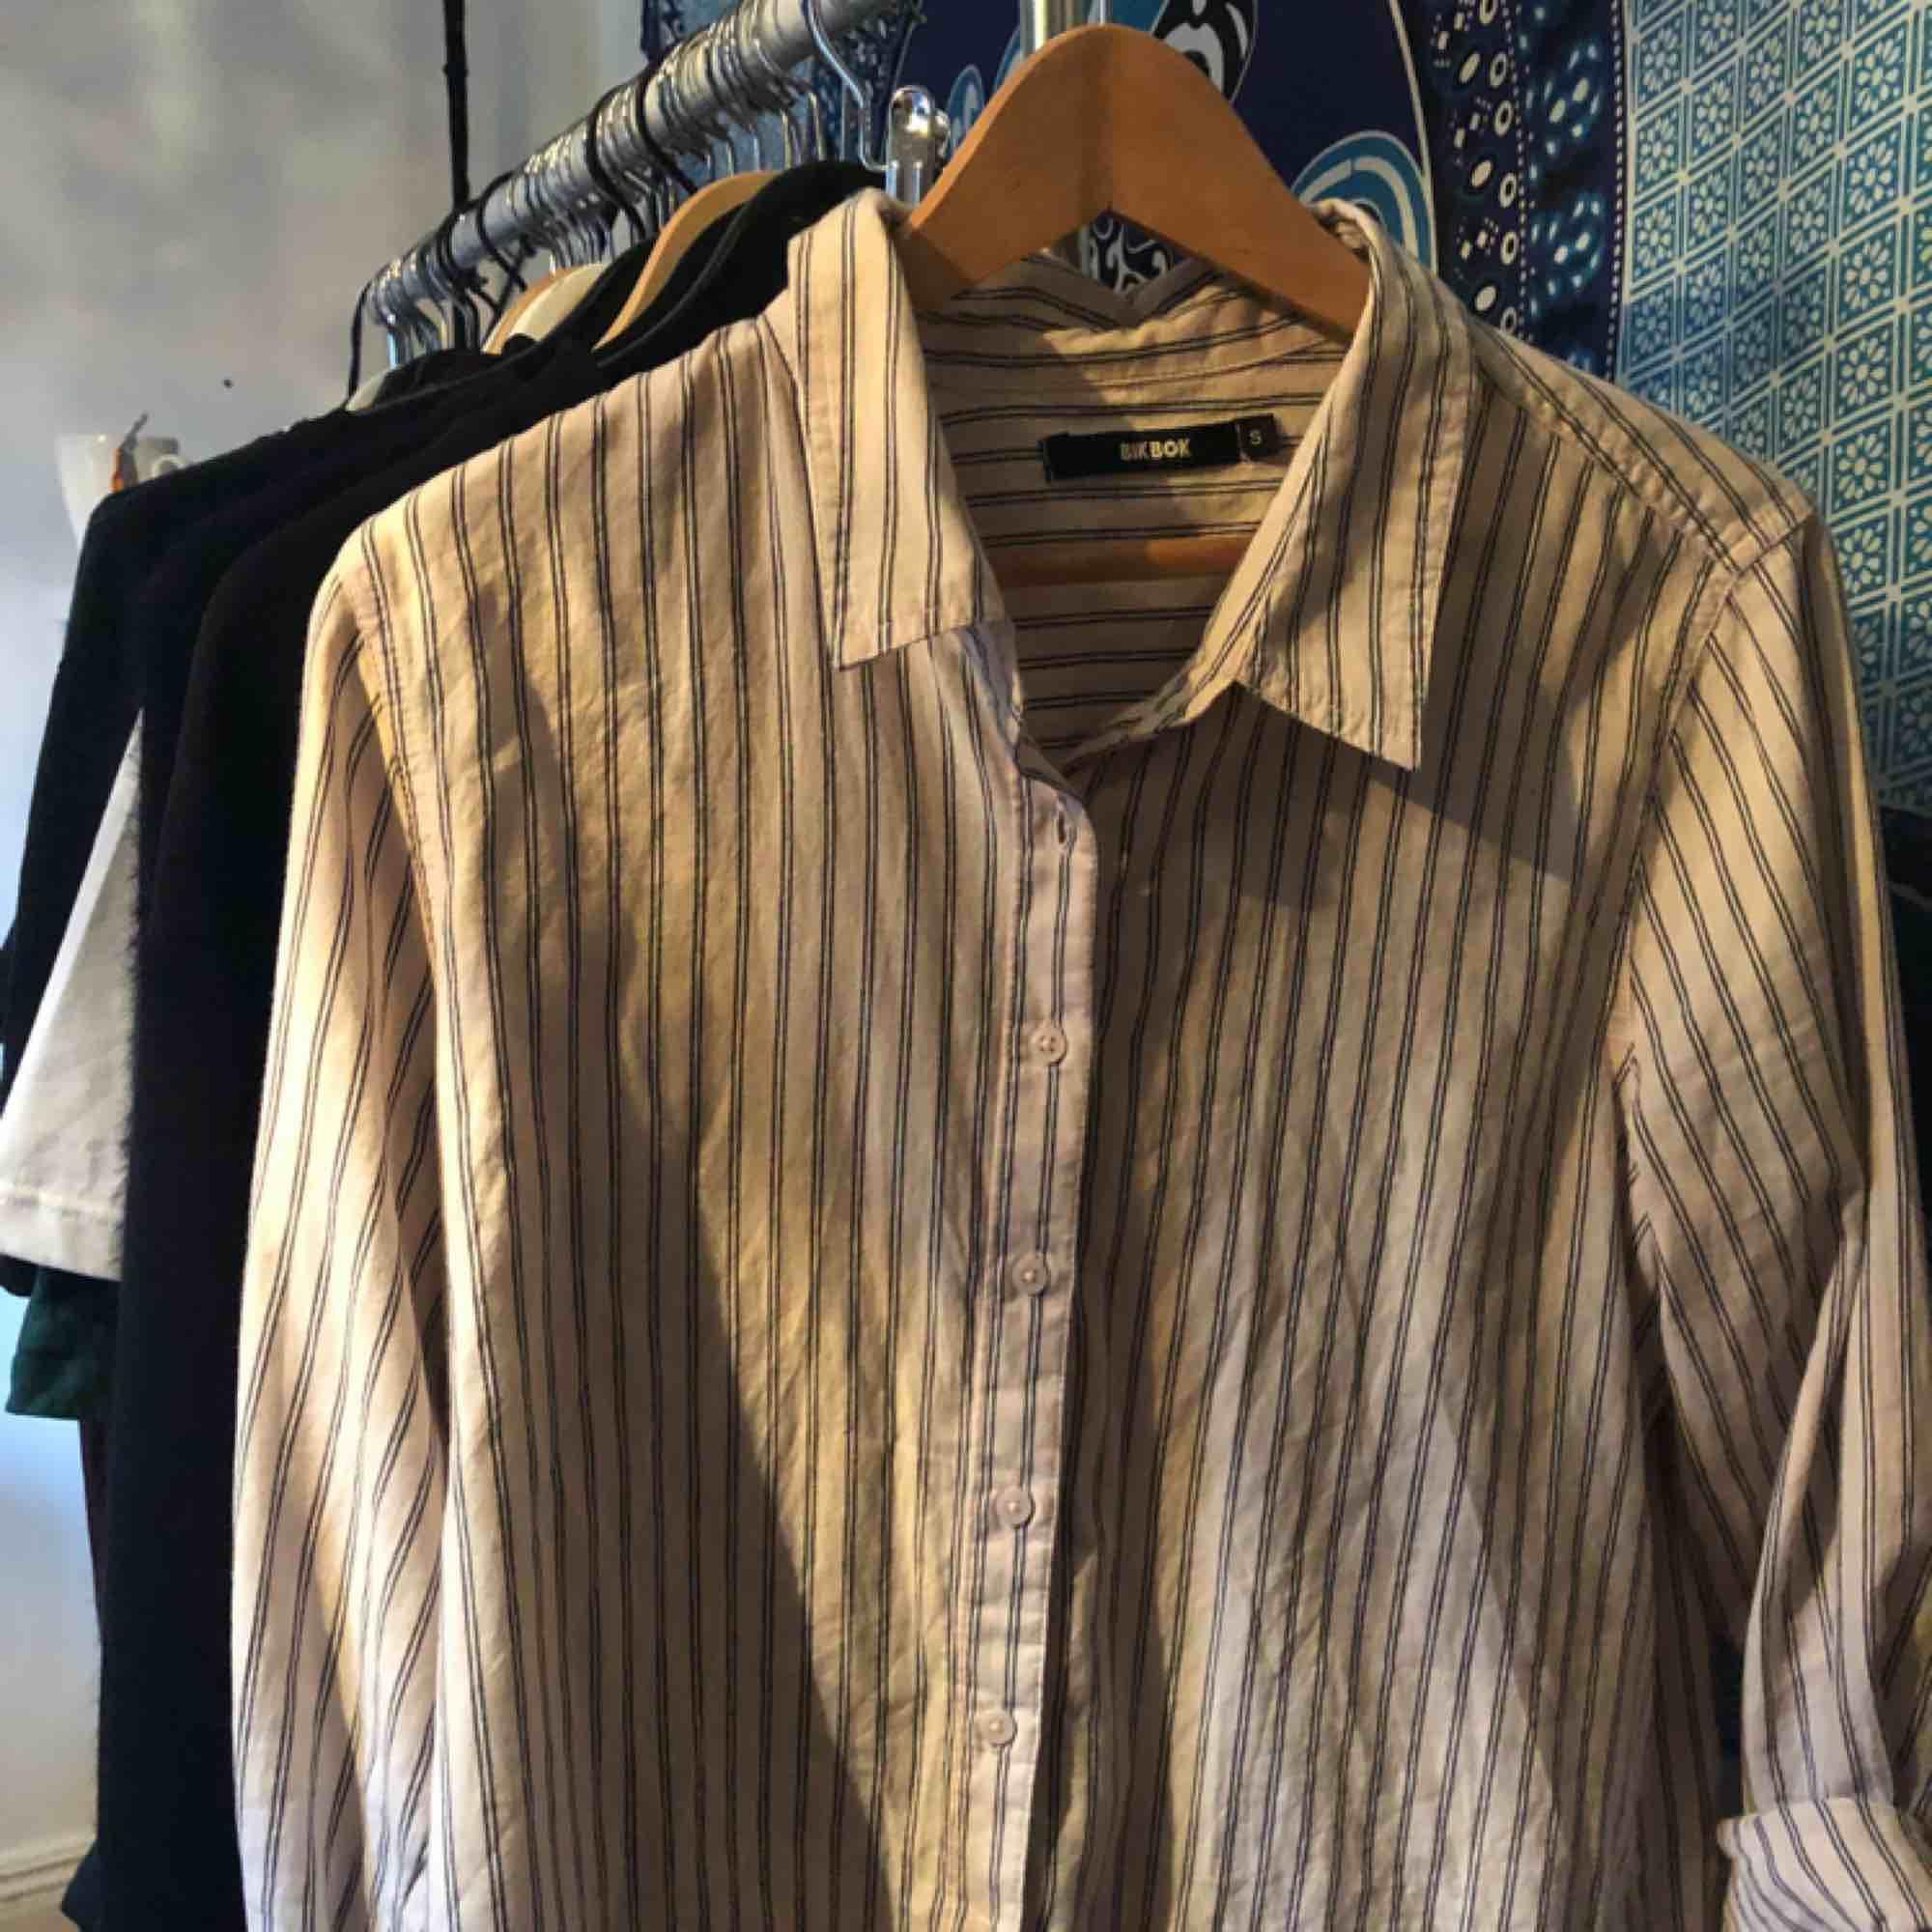 randig skjorta hundra procent ekologisk bomull🌻 köpare står för frakt på 39kr💌. Skjortor.